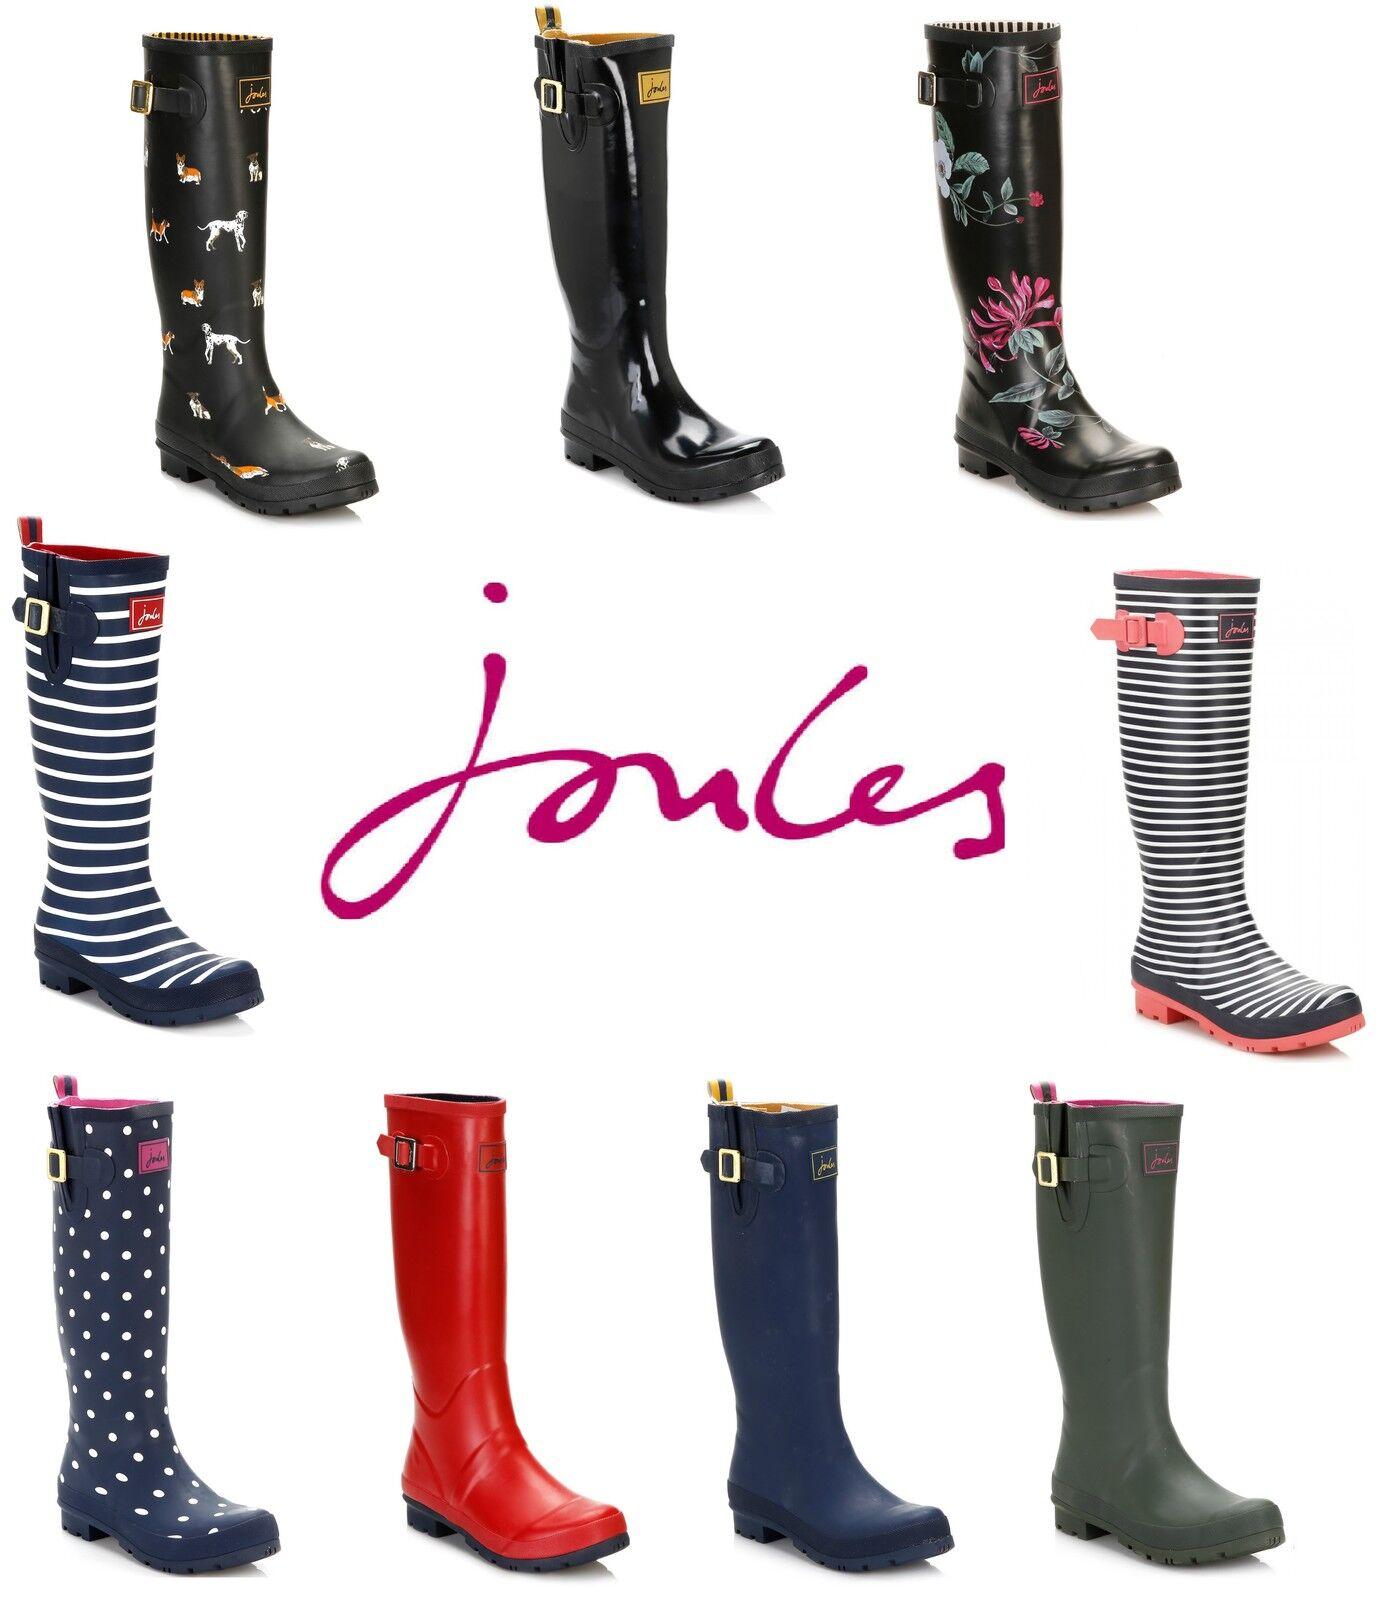 Joules bottes wellies wellington bottes en caoutchouc chaussures-diverses couleurs & tailles